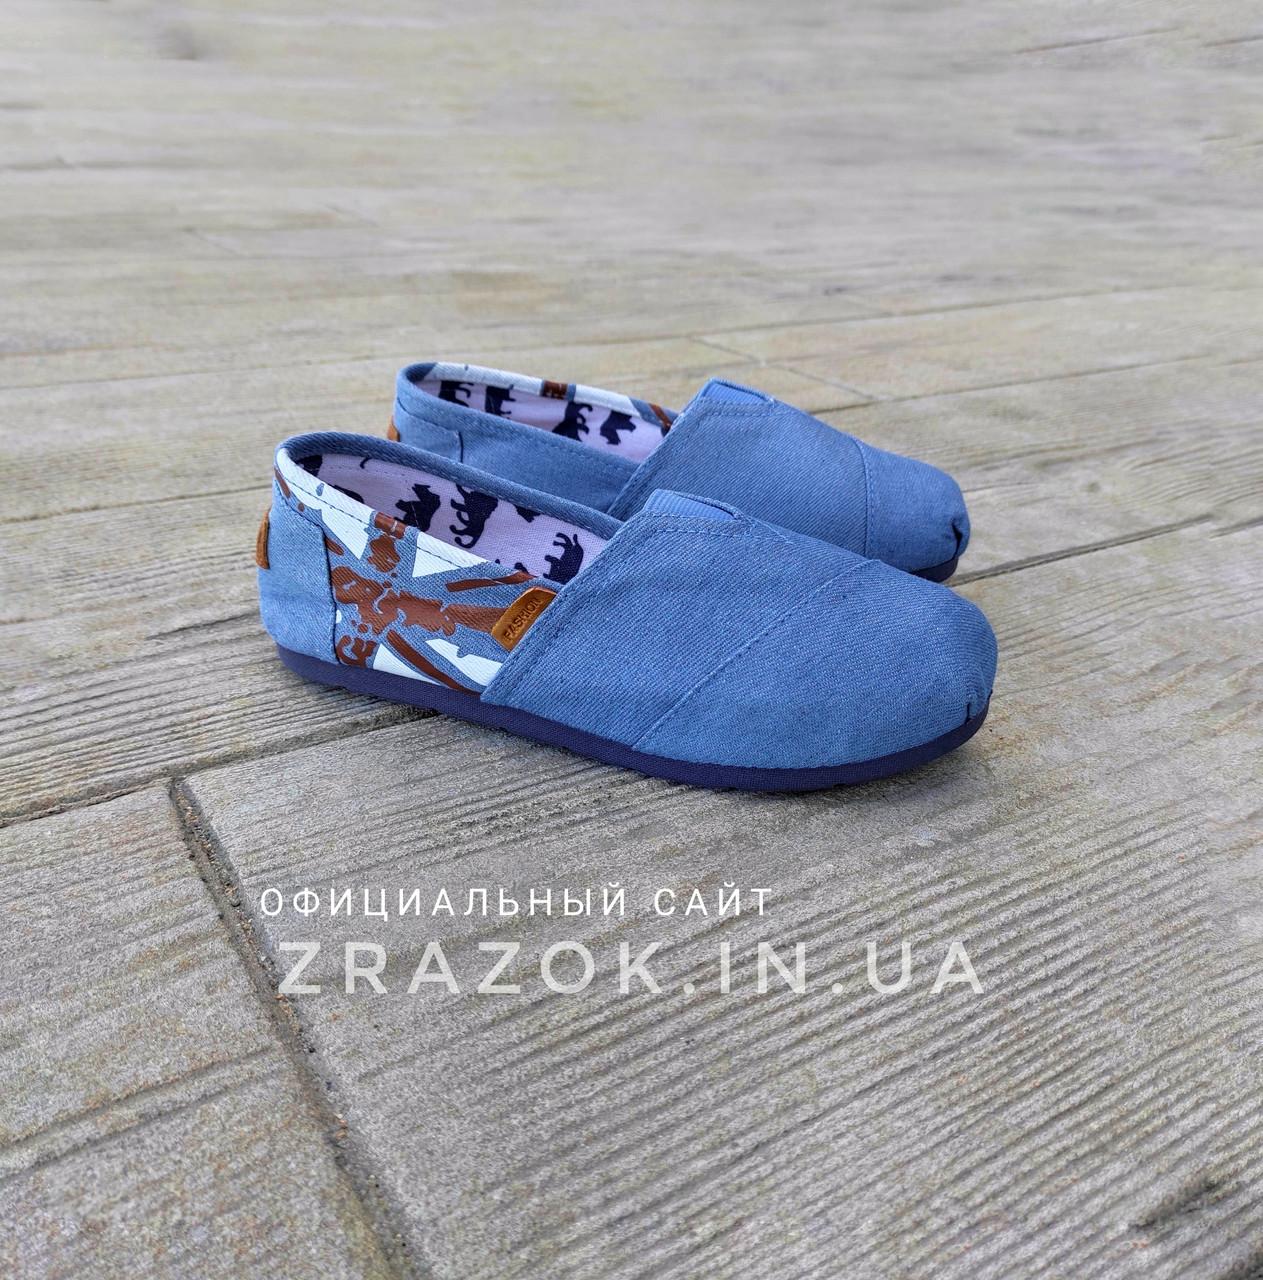 Джинсові сліпони мокасини жіночі сині блакитні тканинні літні легкі